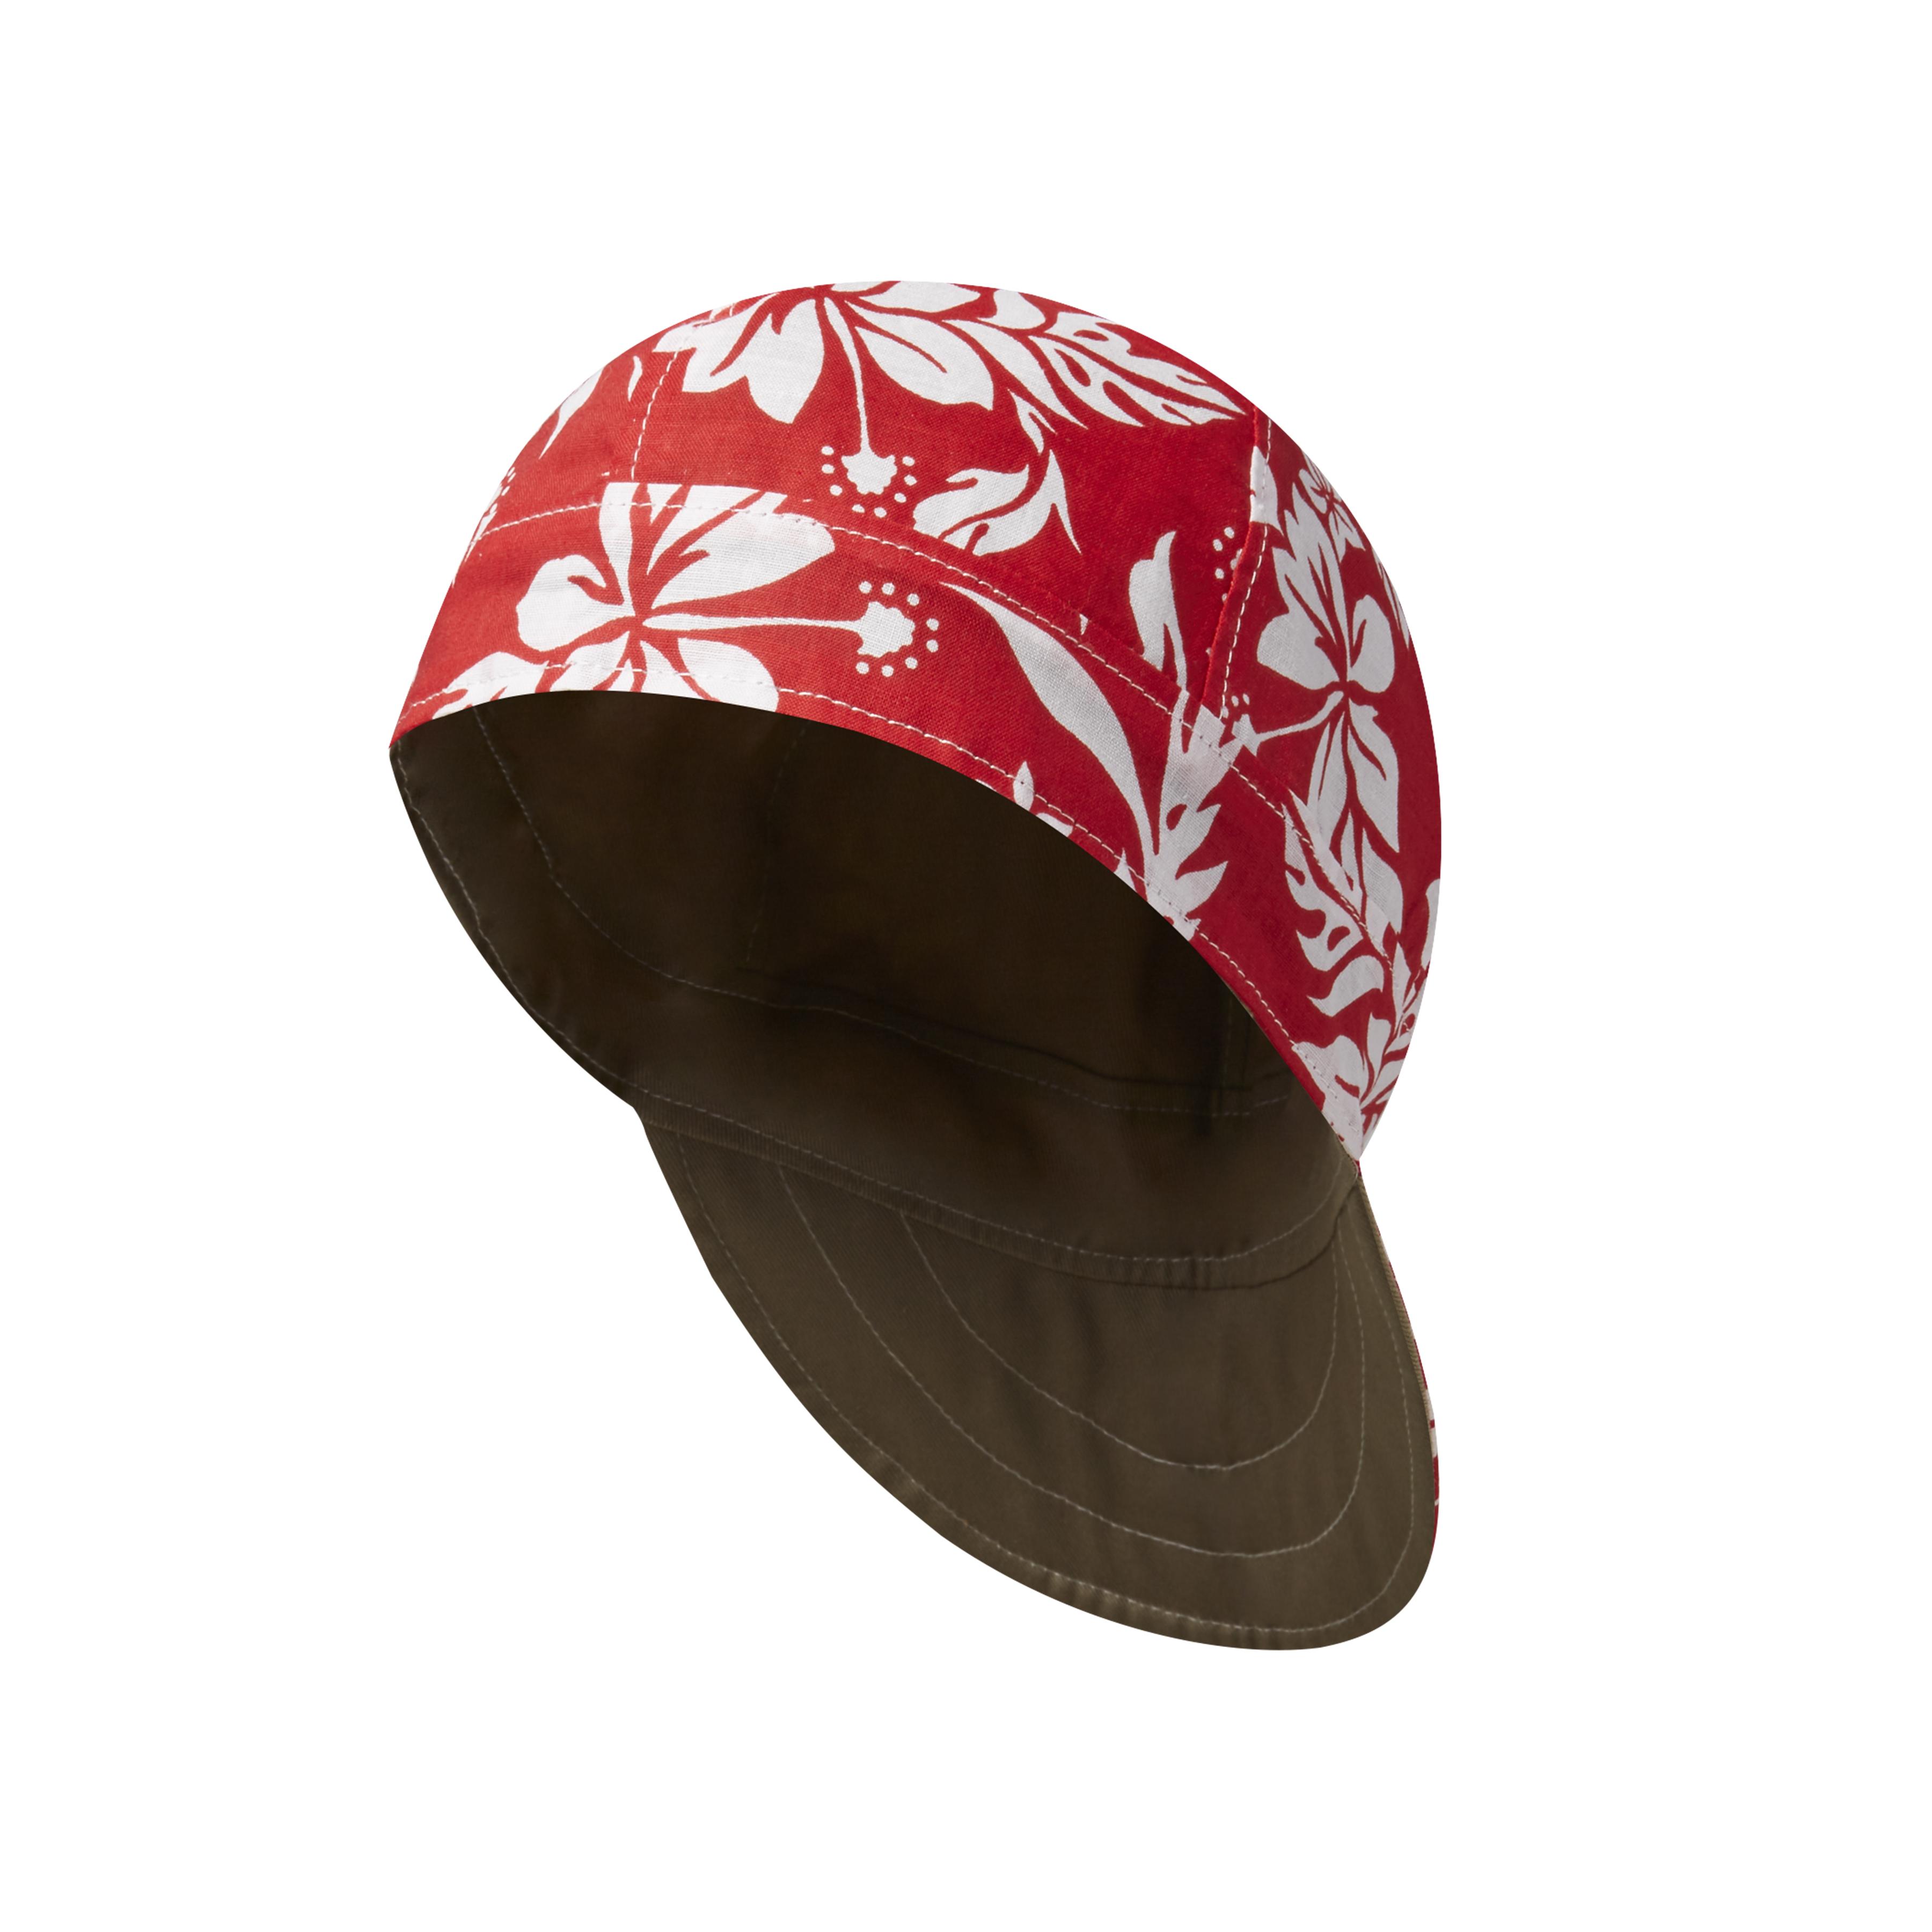 Rasco Red Lightning Welding Cap Size 7 1//8